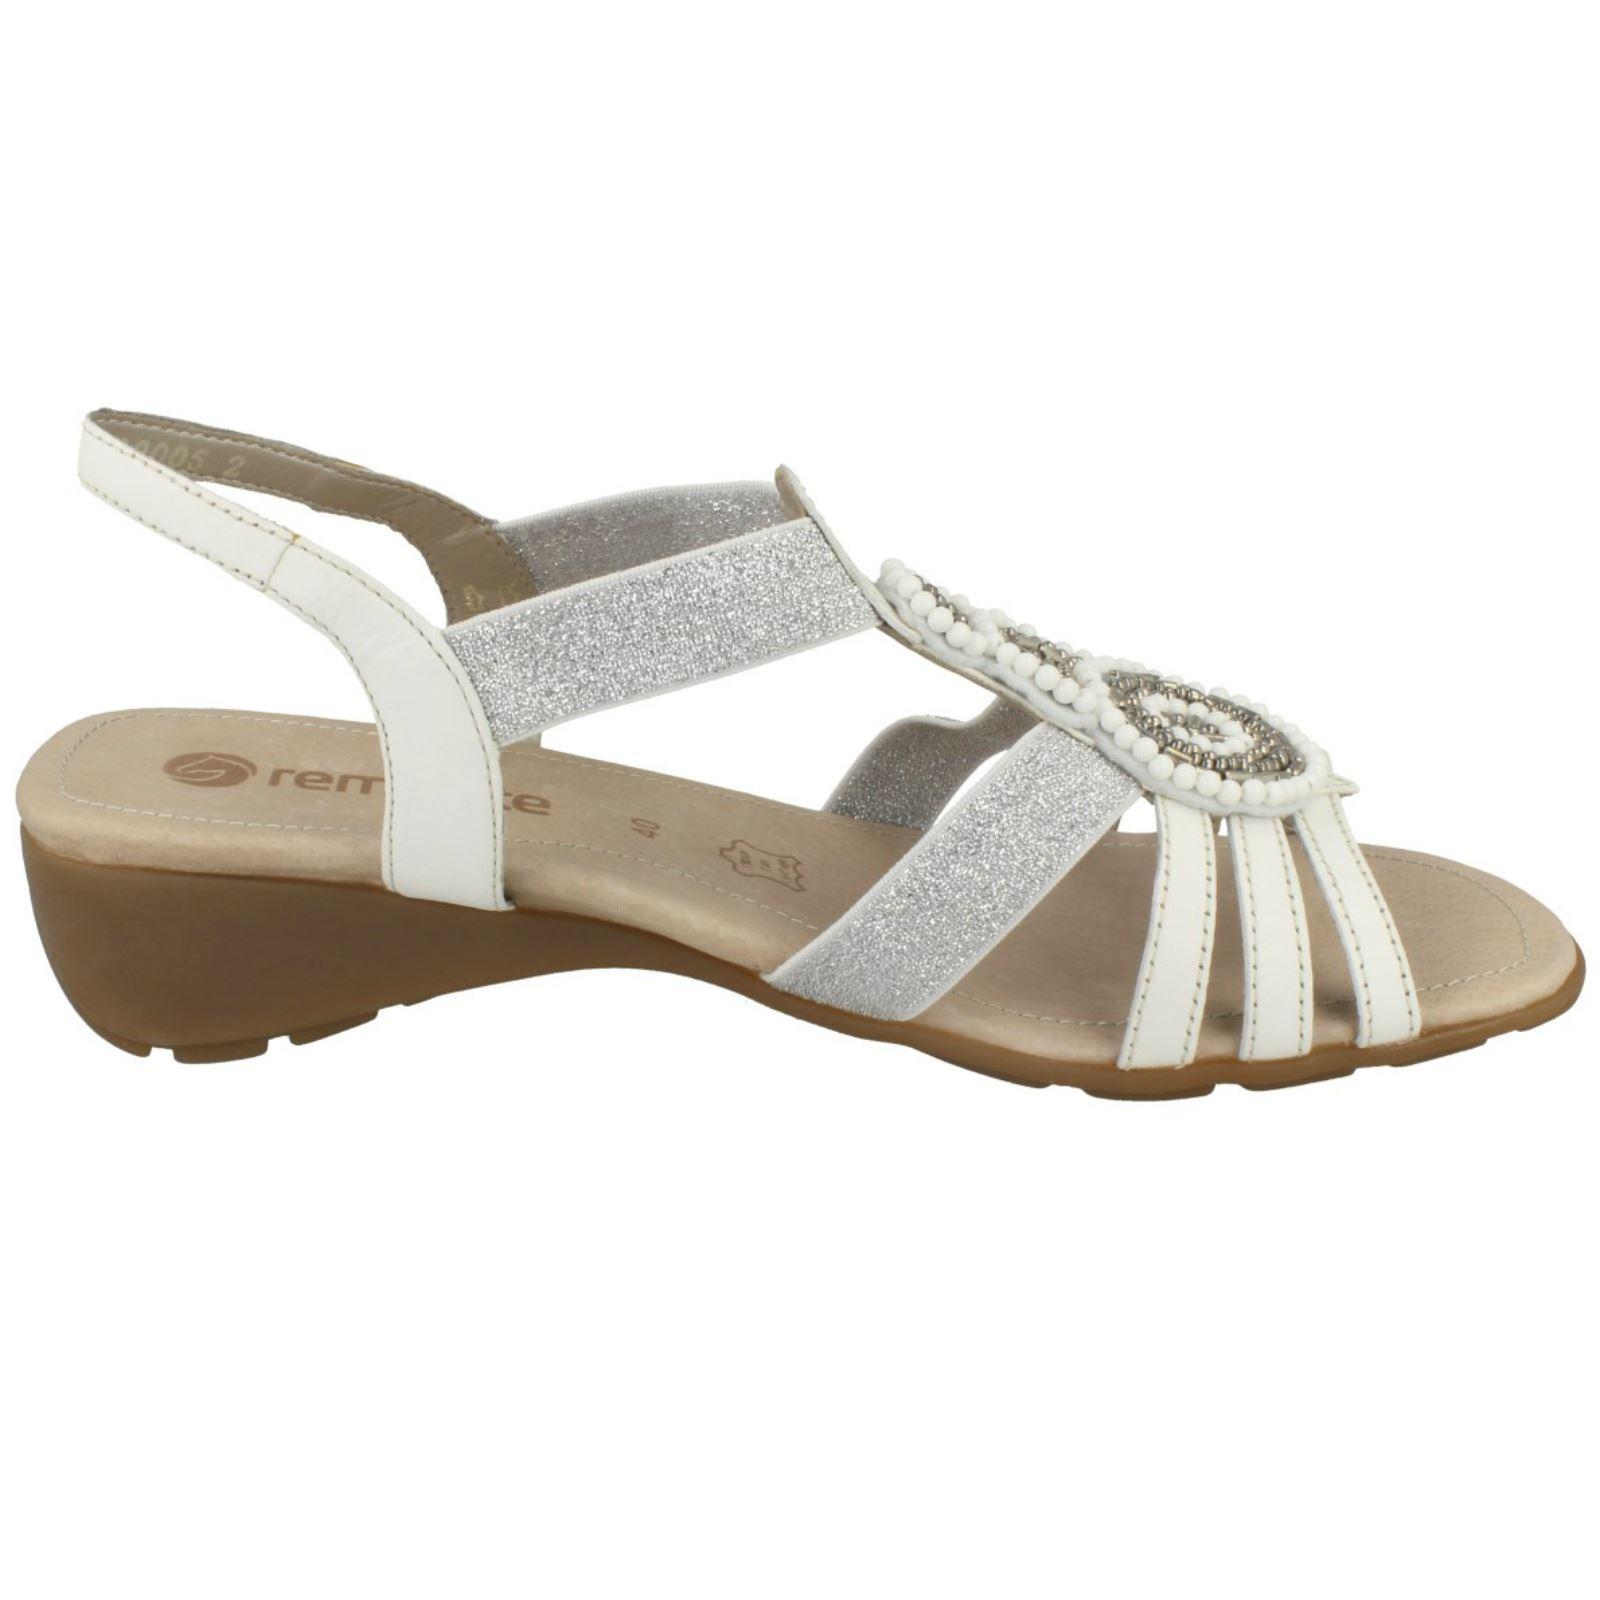 Ladies Remonte Summer Sandals Sandals Sandals - R5250 f48987